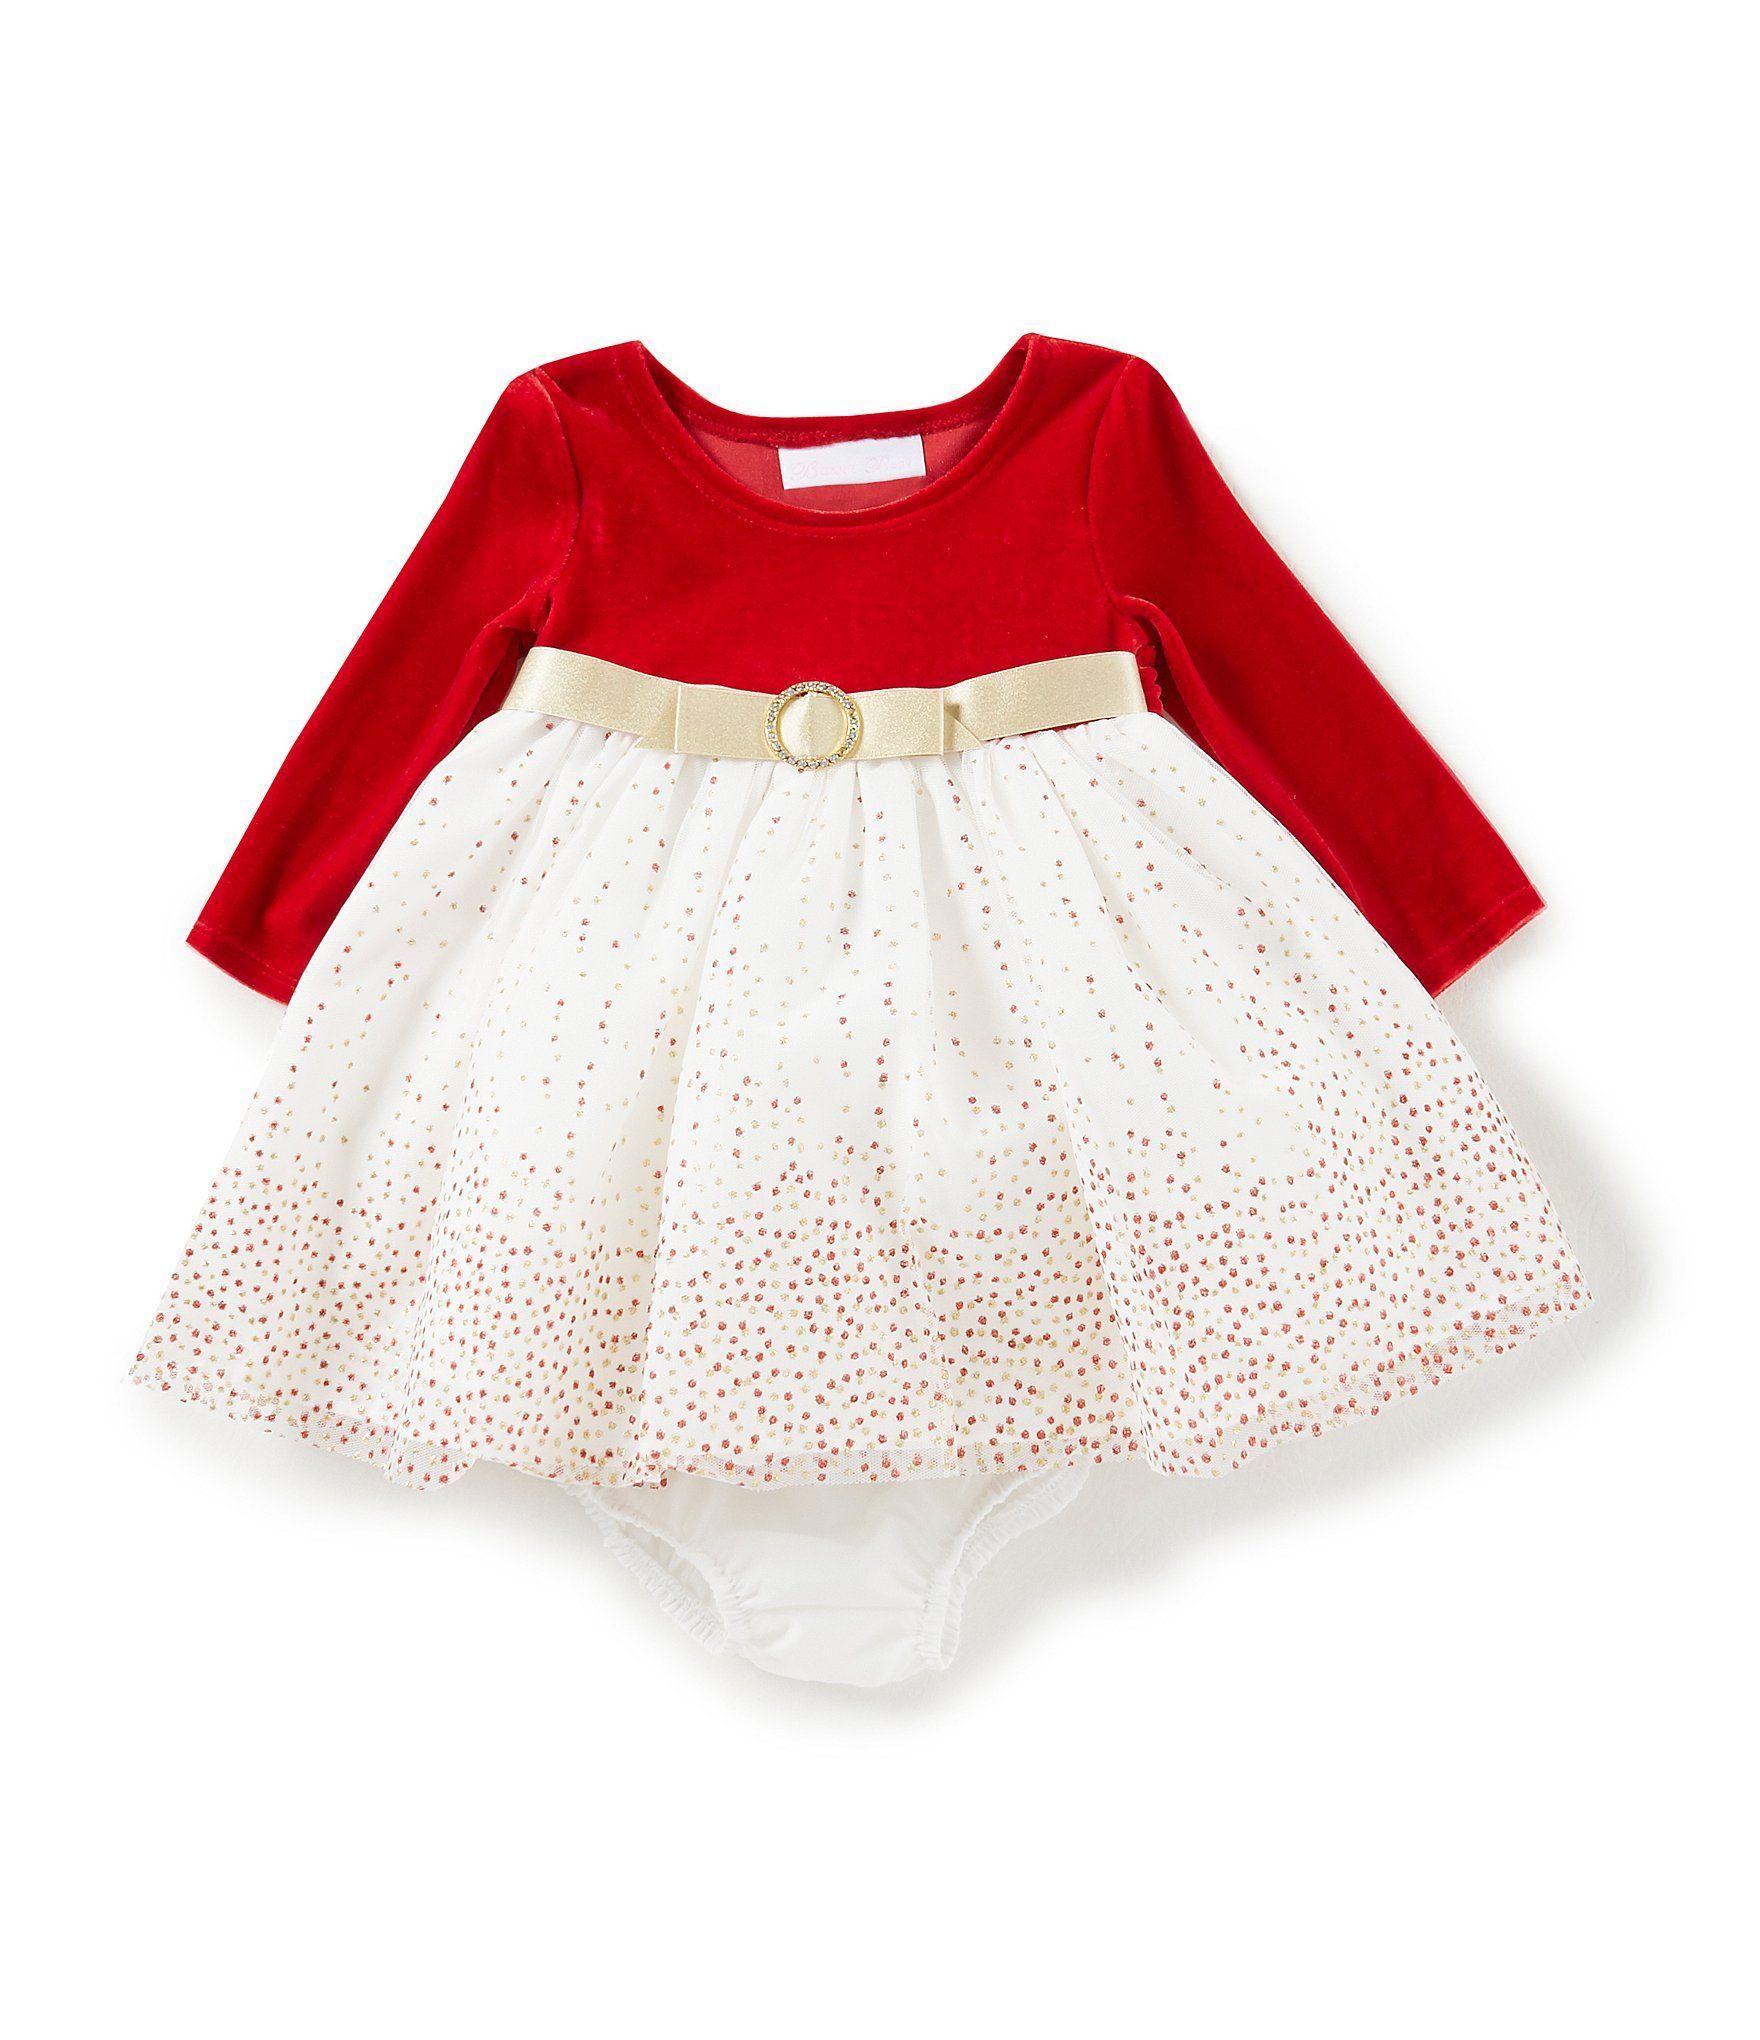 67f5d0f29 Bonnie Baby Baby Girls Newborn24 Months Christmas VelvetGlitterDot ...